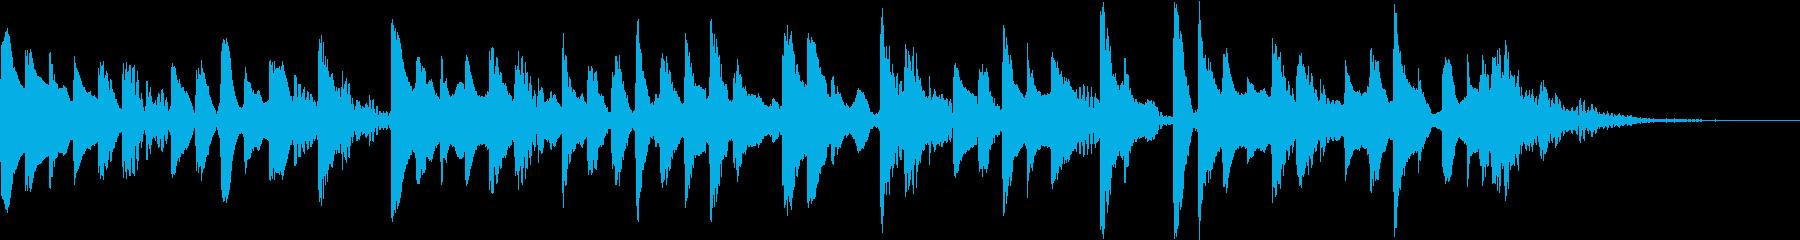 ラジオ ミニマルなジングルの再生済みの波形